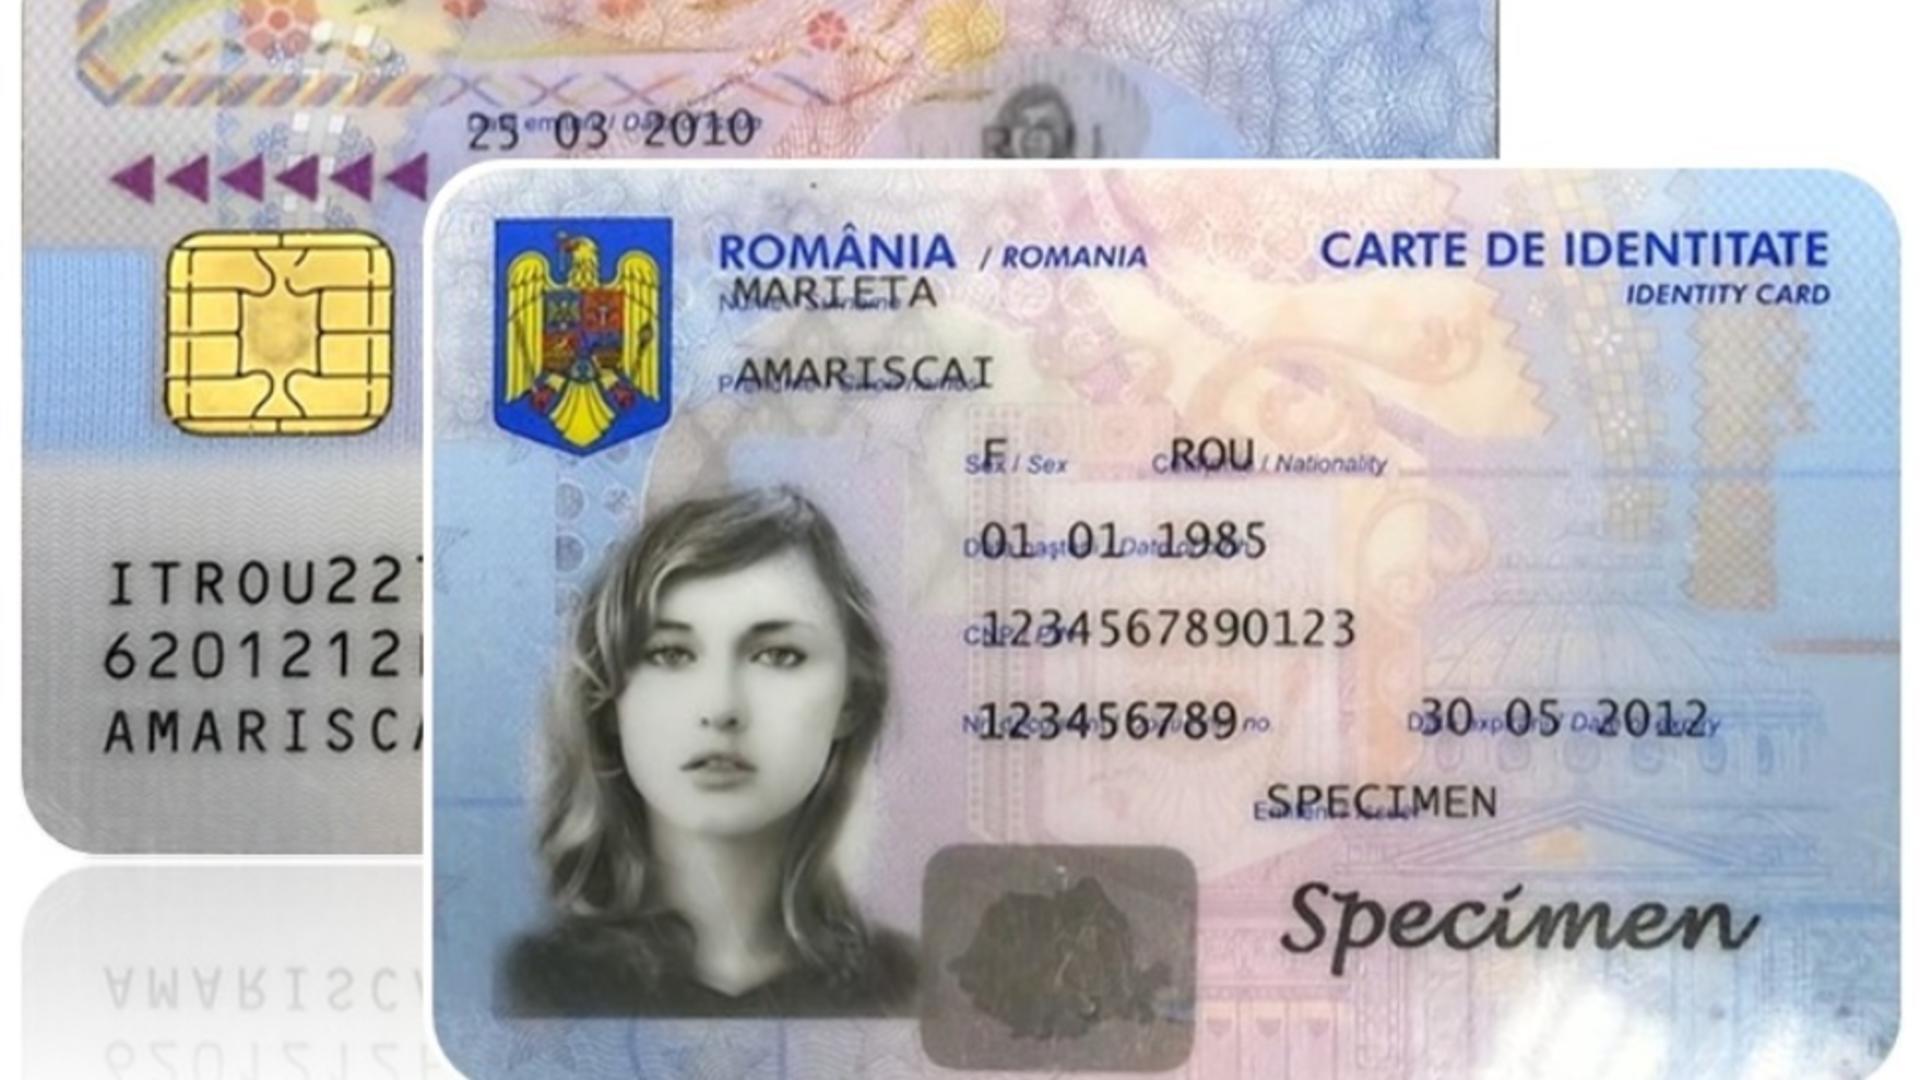 Carte de identitate electronică